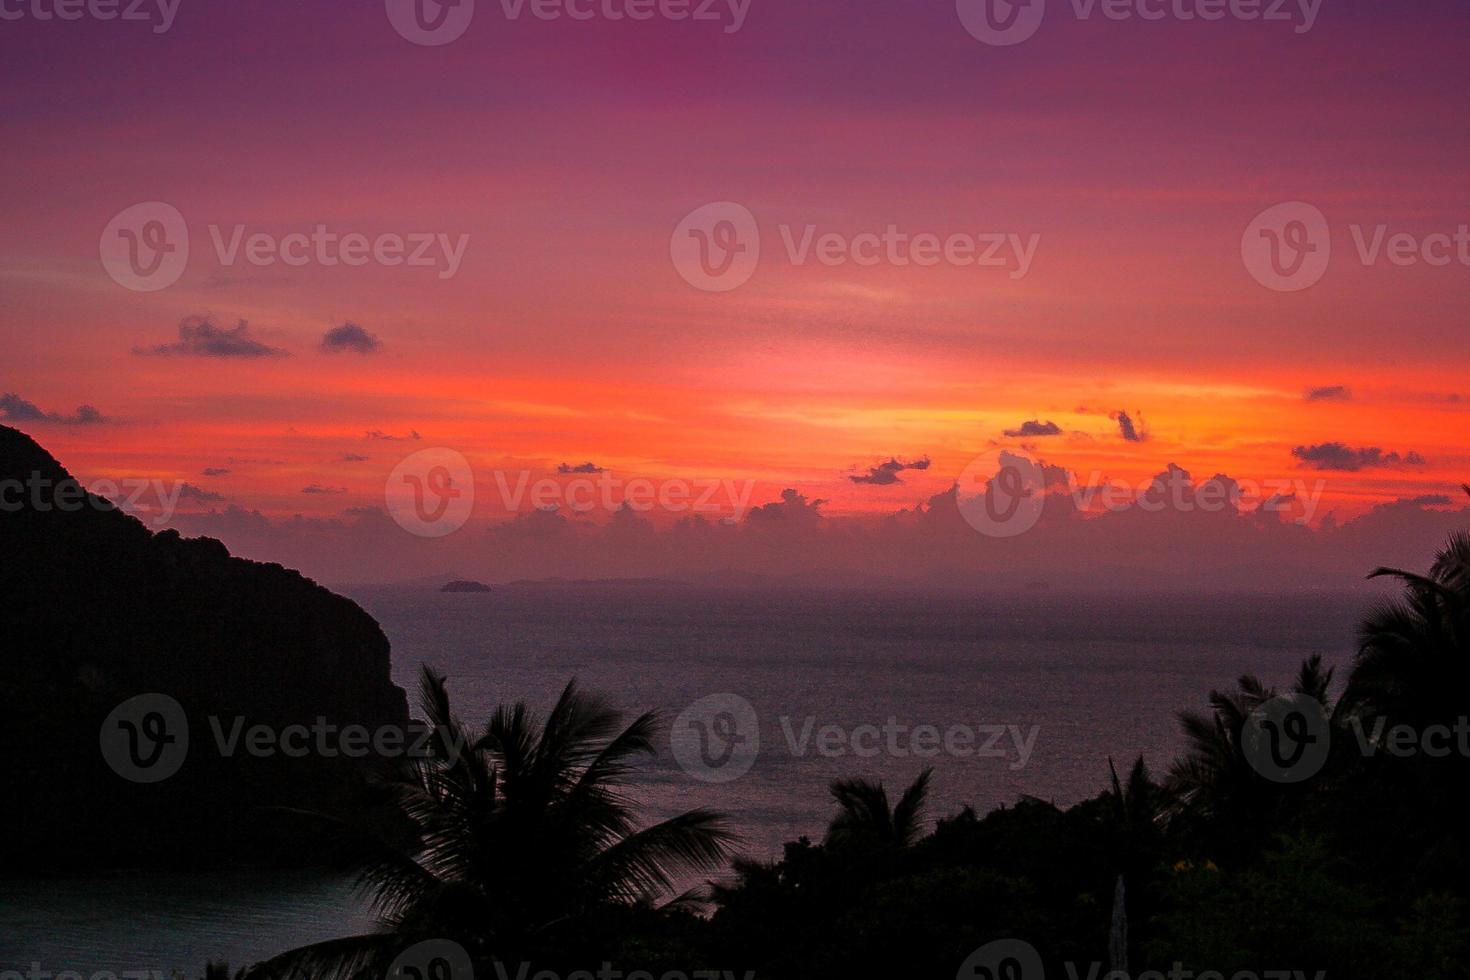 Rosa vibrante puesta de sol tropical sobre el agua - Tailandia foto